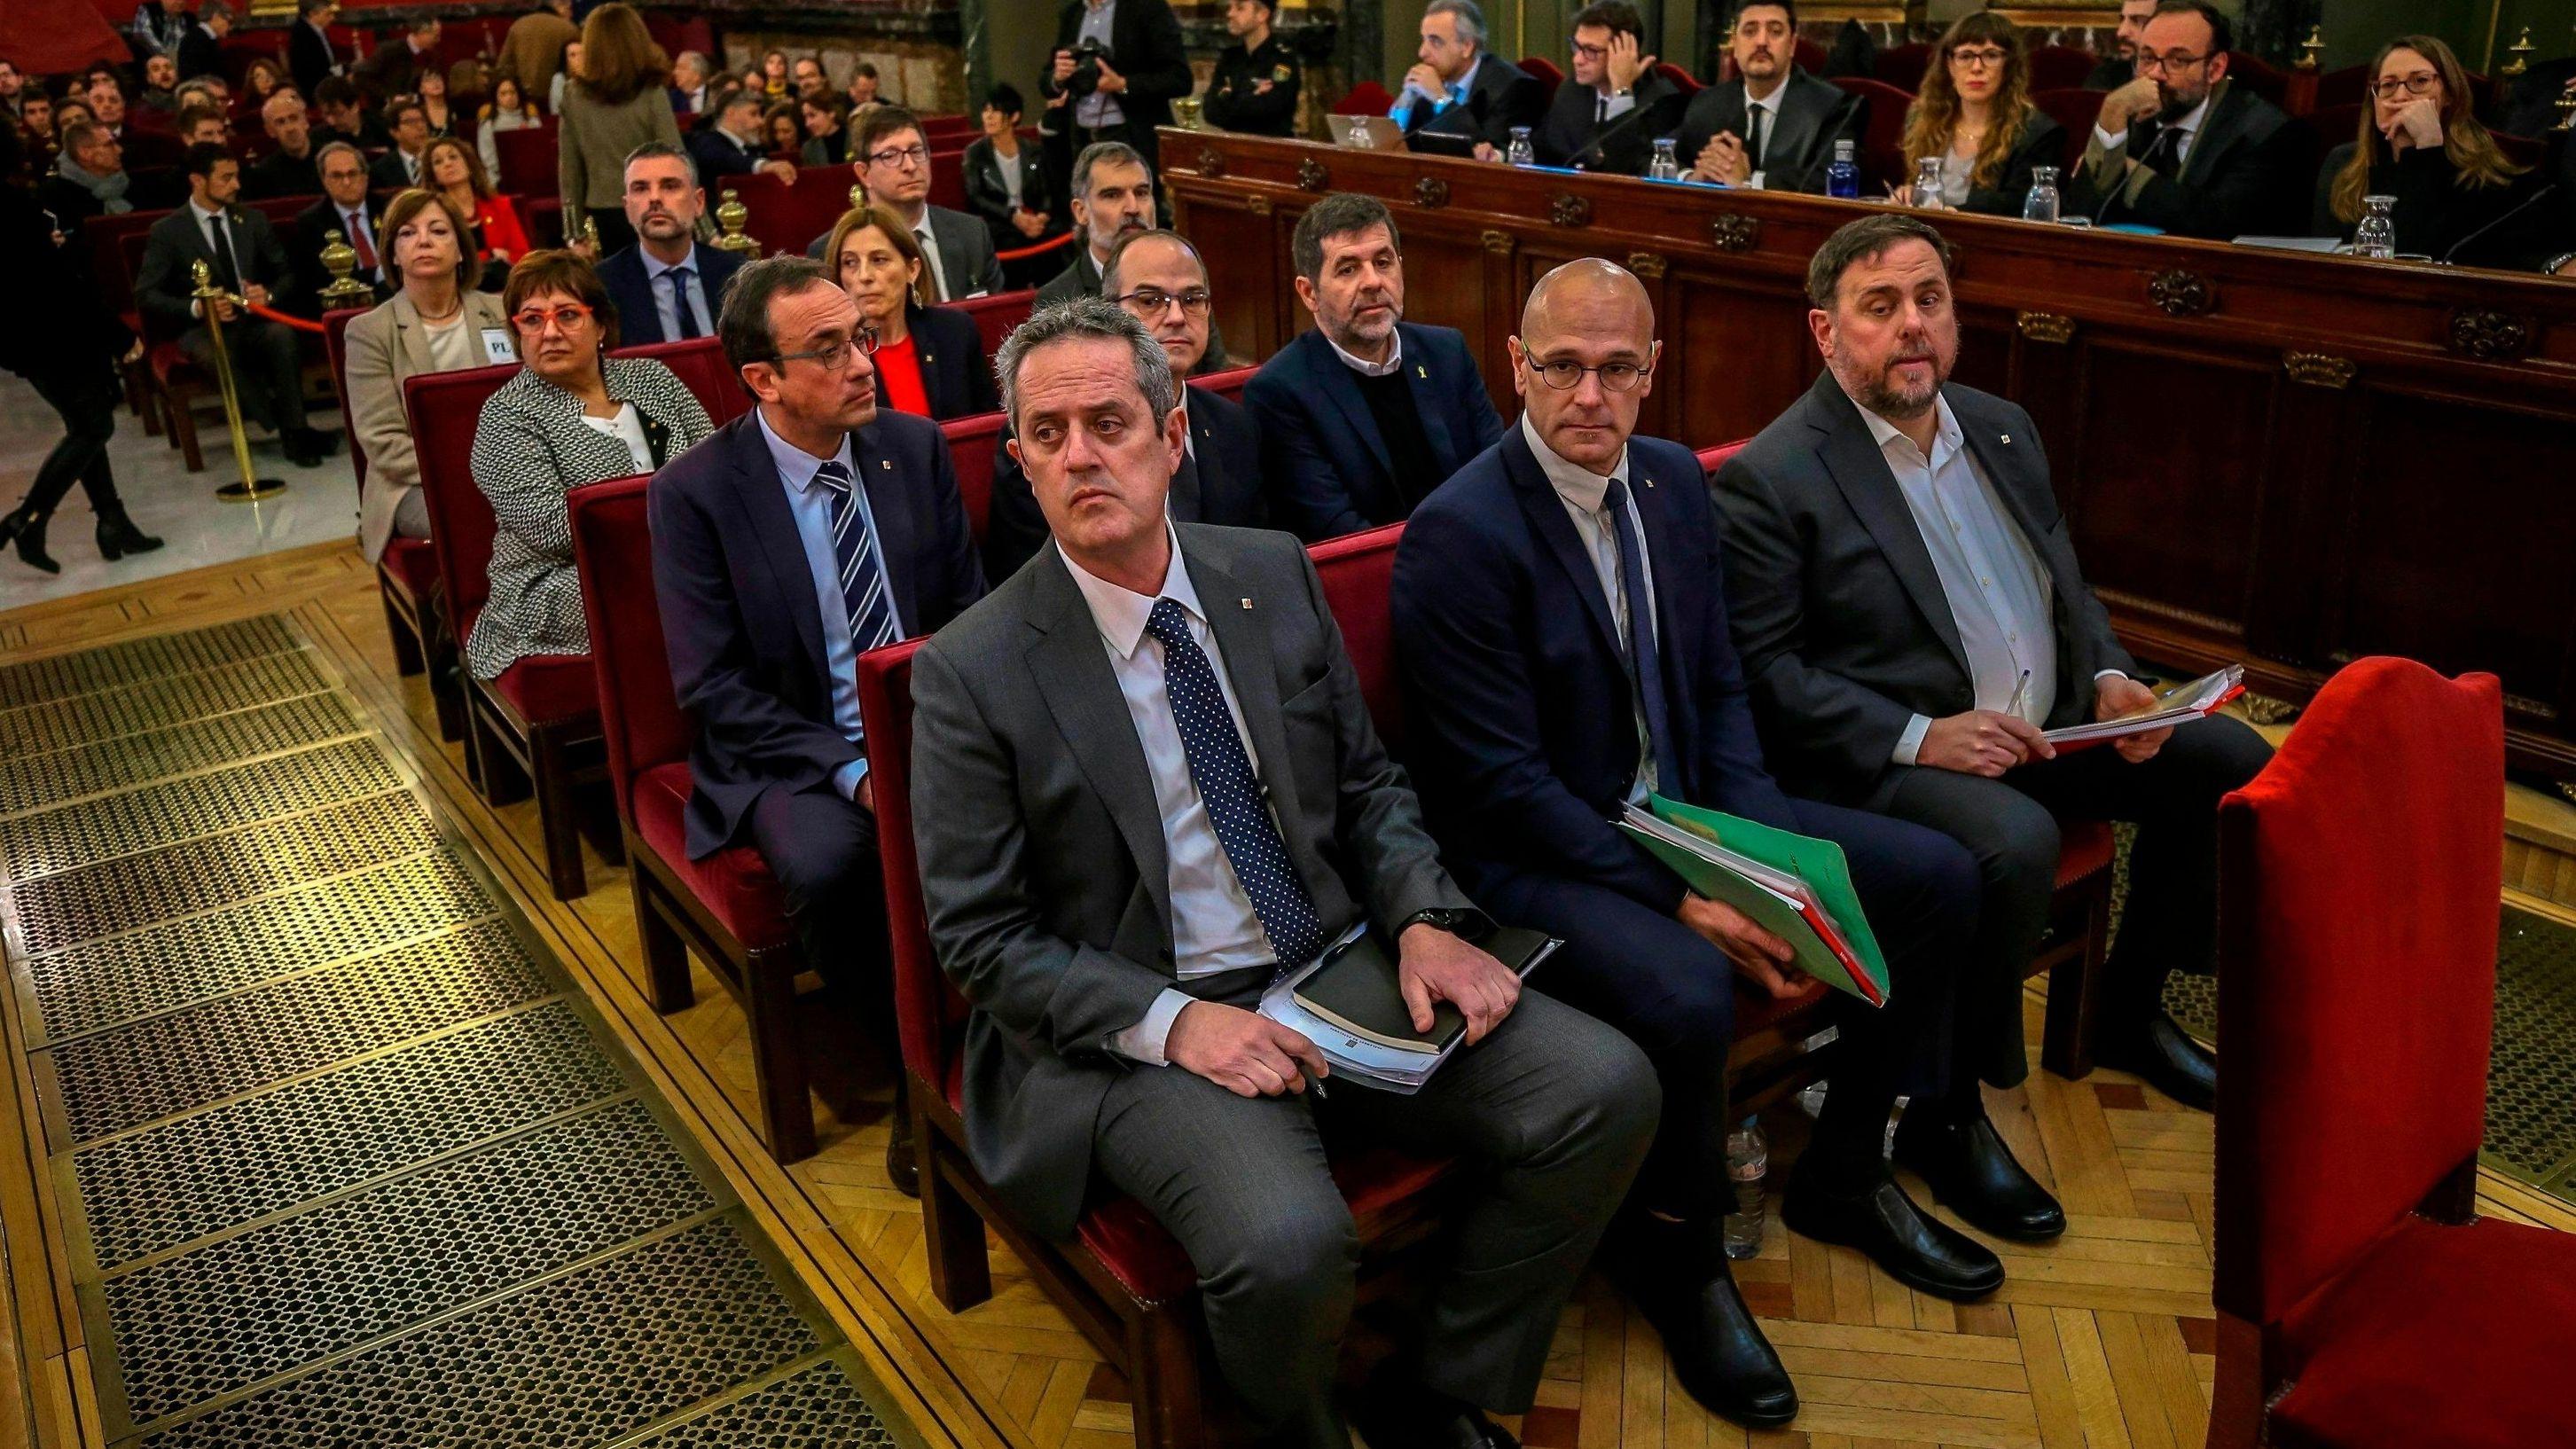 Spanische Justiz erlässt neuen internationalen Haftbefehl gegen Puigdemont